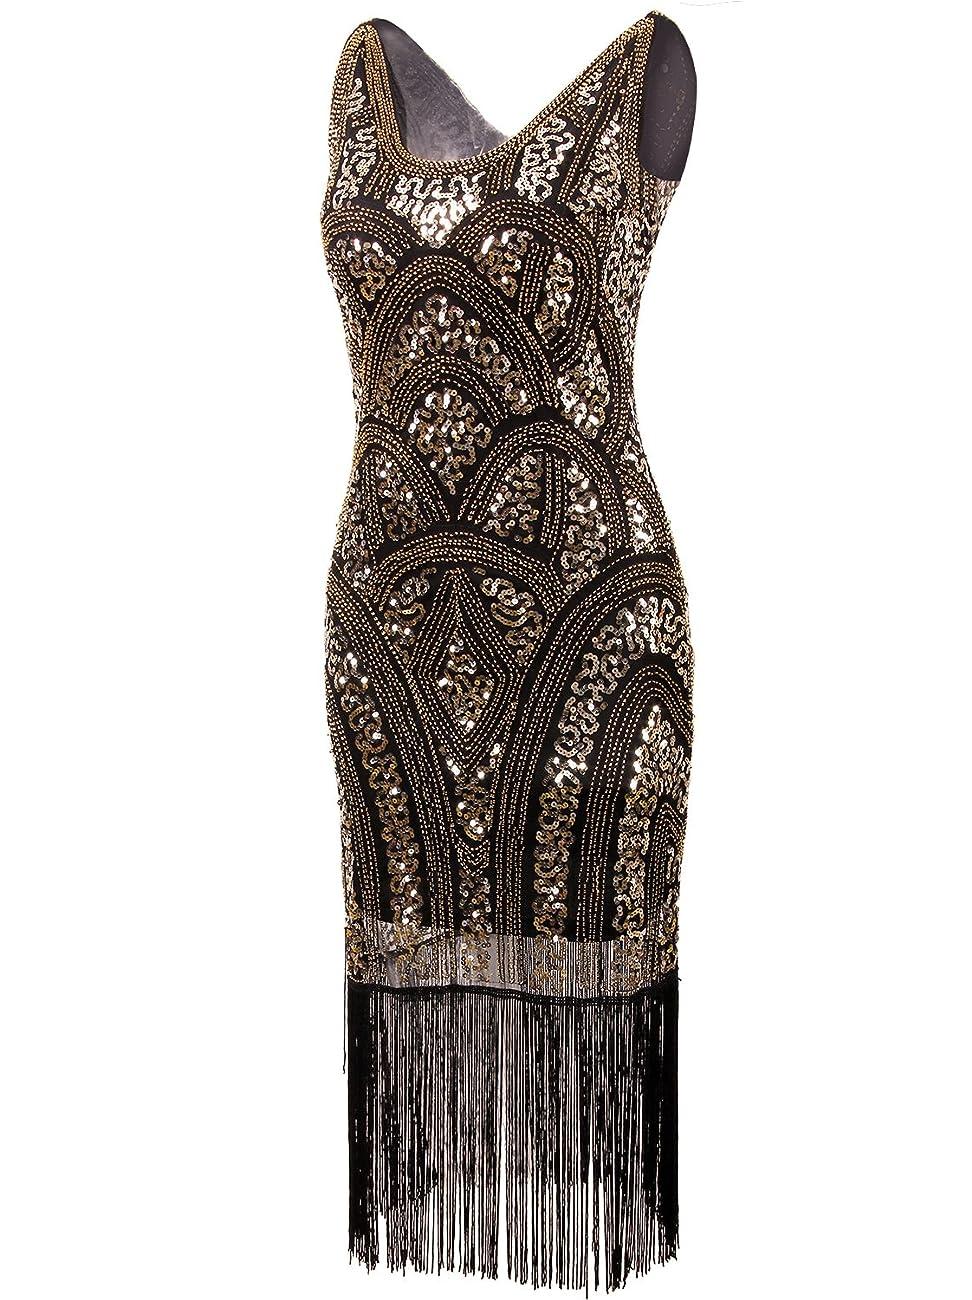 Vijiv 1920s Vintage Inspired Sequin Embellished Fringe Prom Gatsby Flapper Dress 2